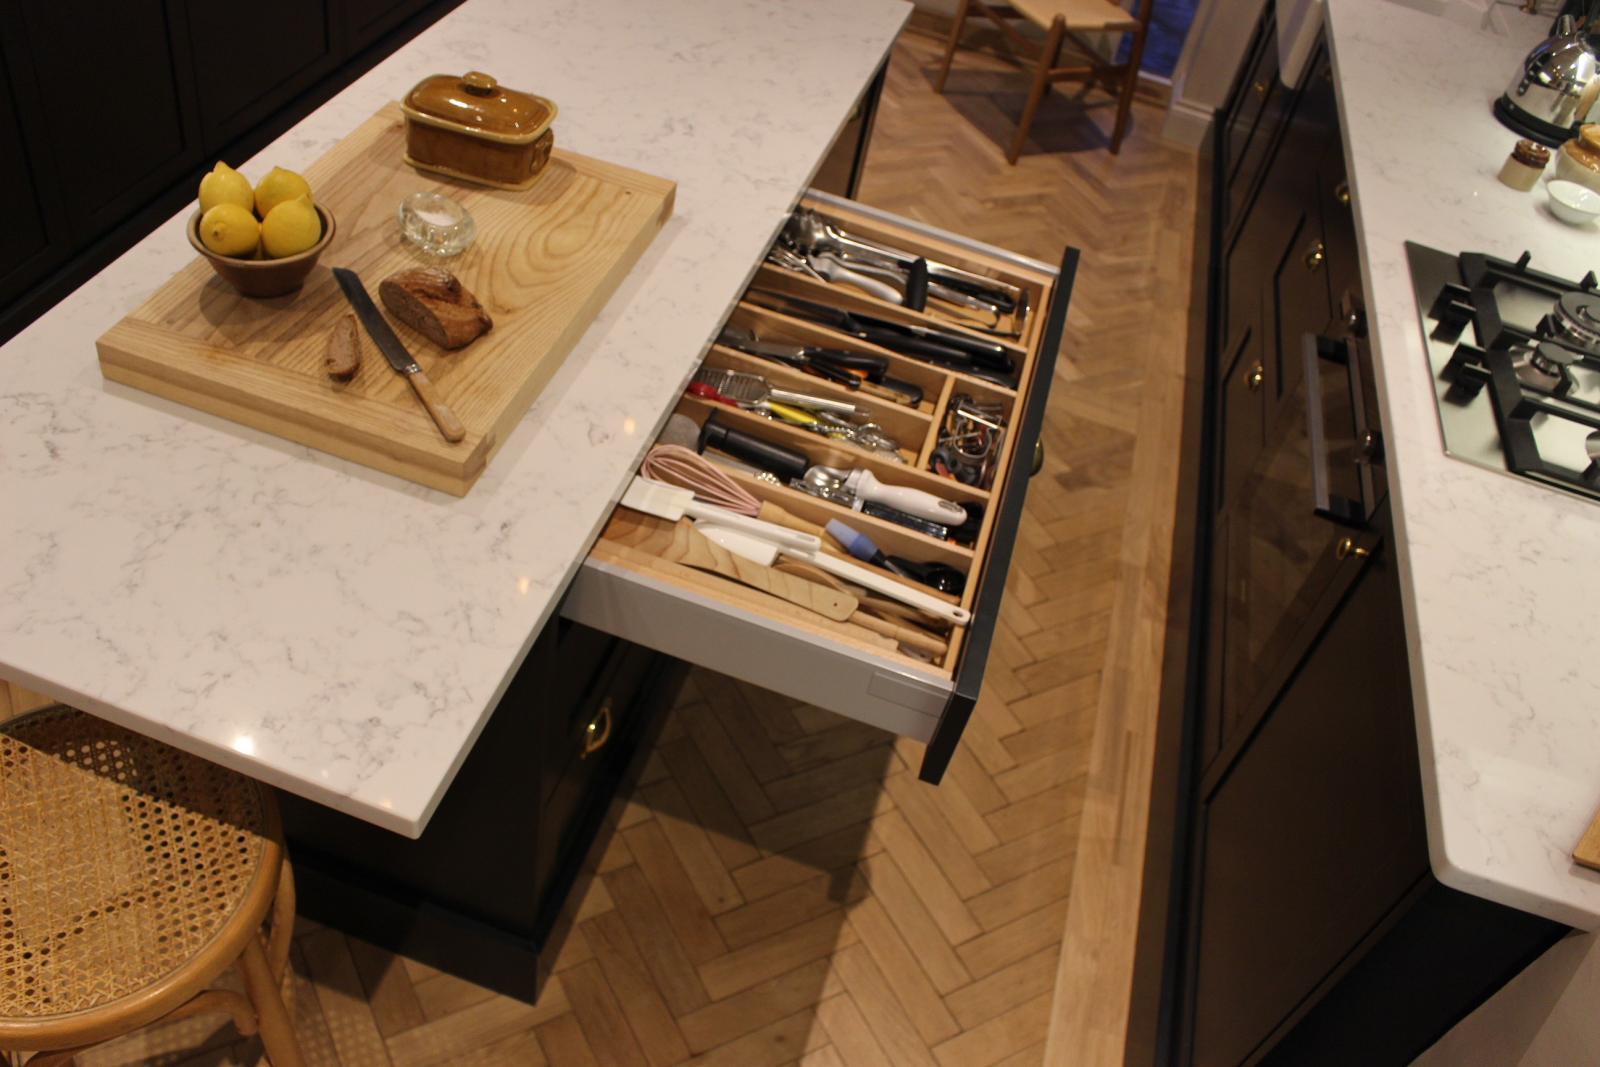 Kitchen Design Inspiration - handmade drawer inserts